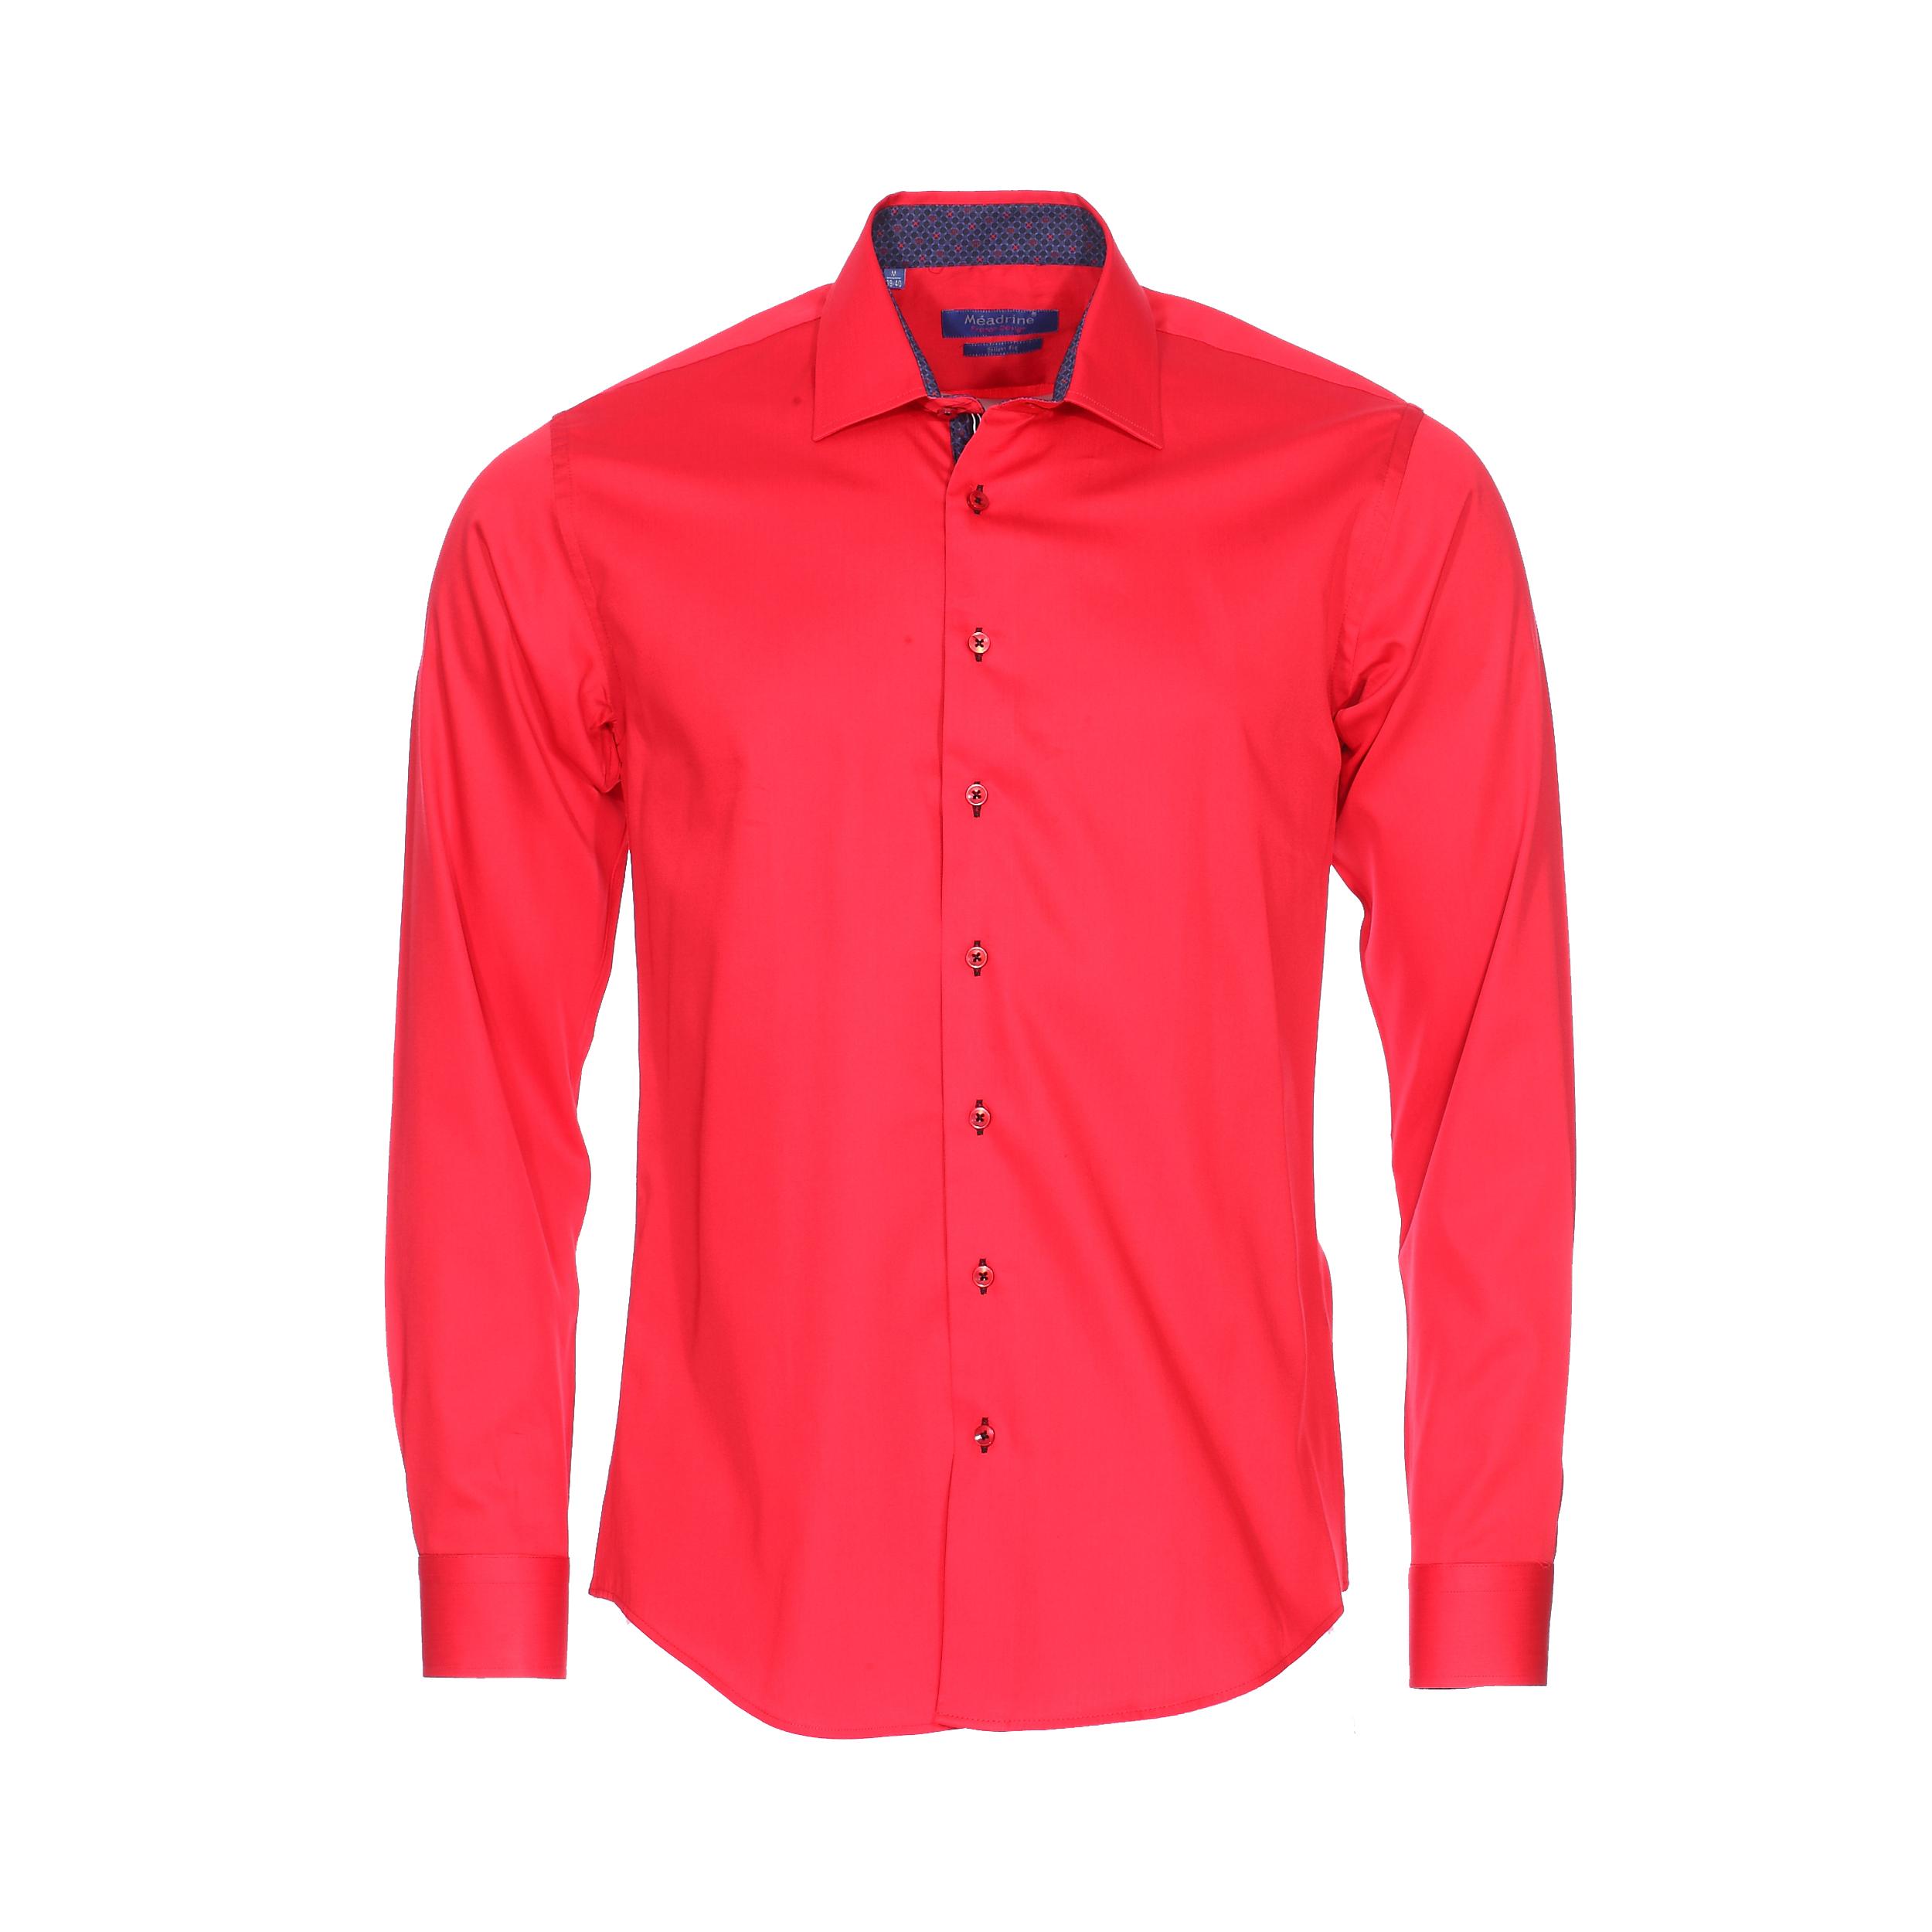 Chemise cintrée  en coton rouge à opposition violette à motifs géométriques noirs et rouges